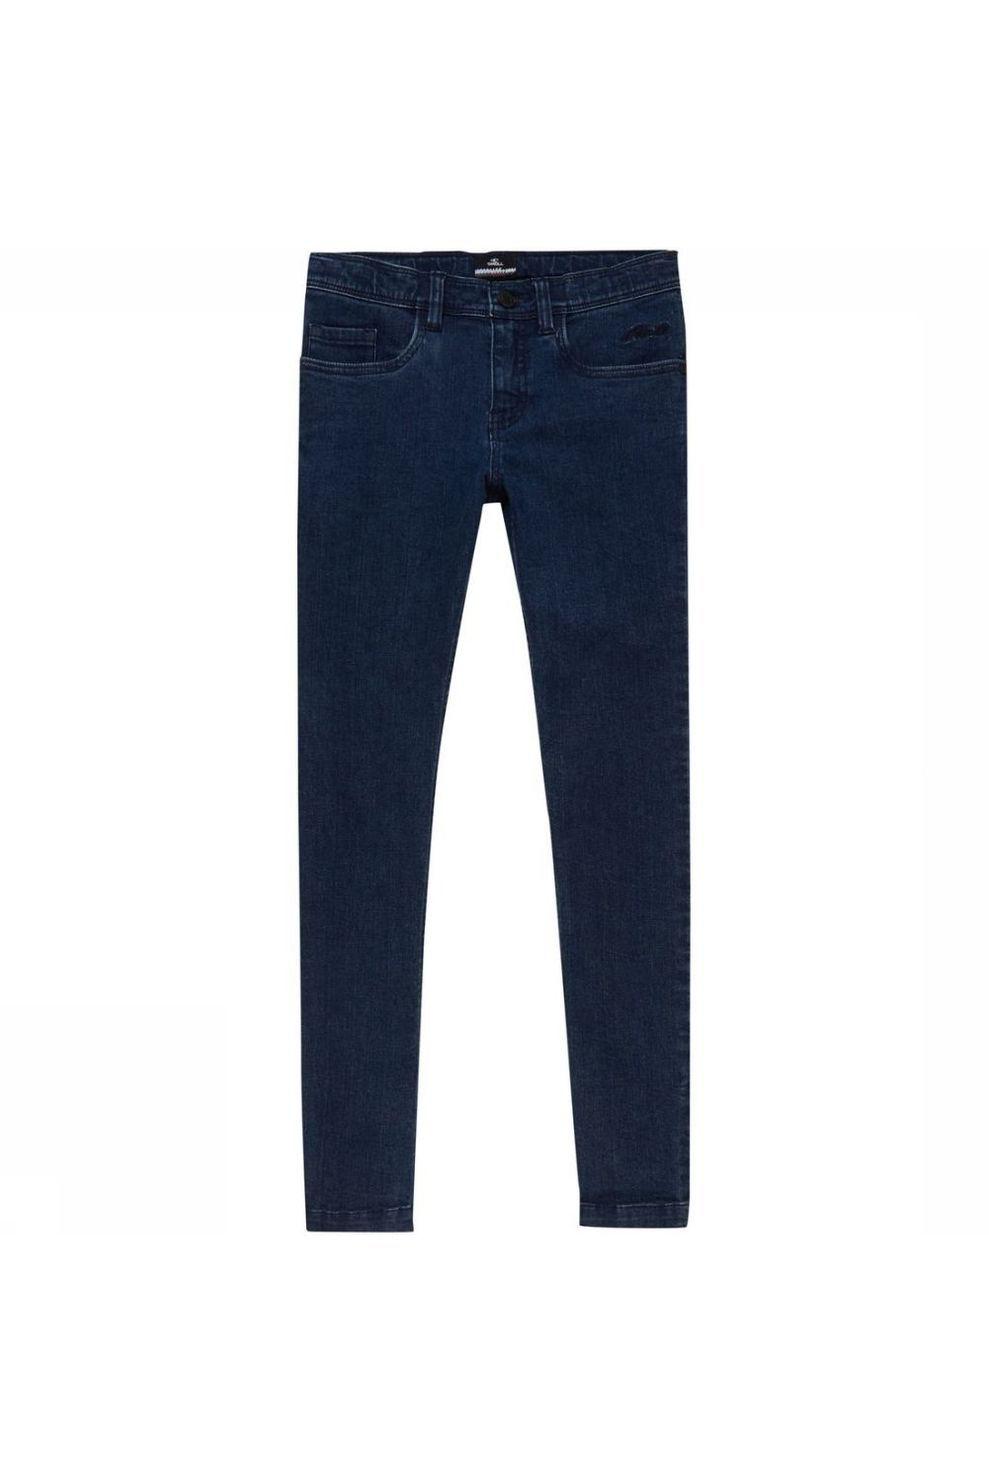 O'Neill Jeans Stringer voor jongens - Blauw - Maat: 152